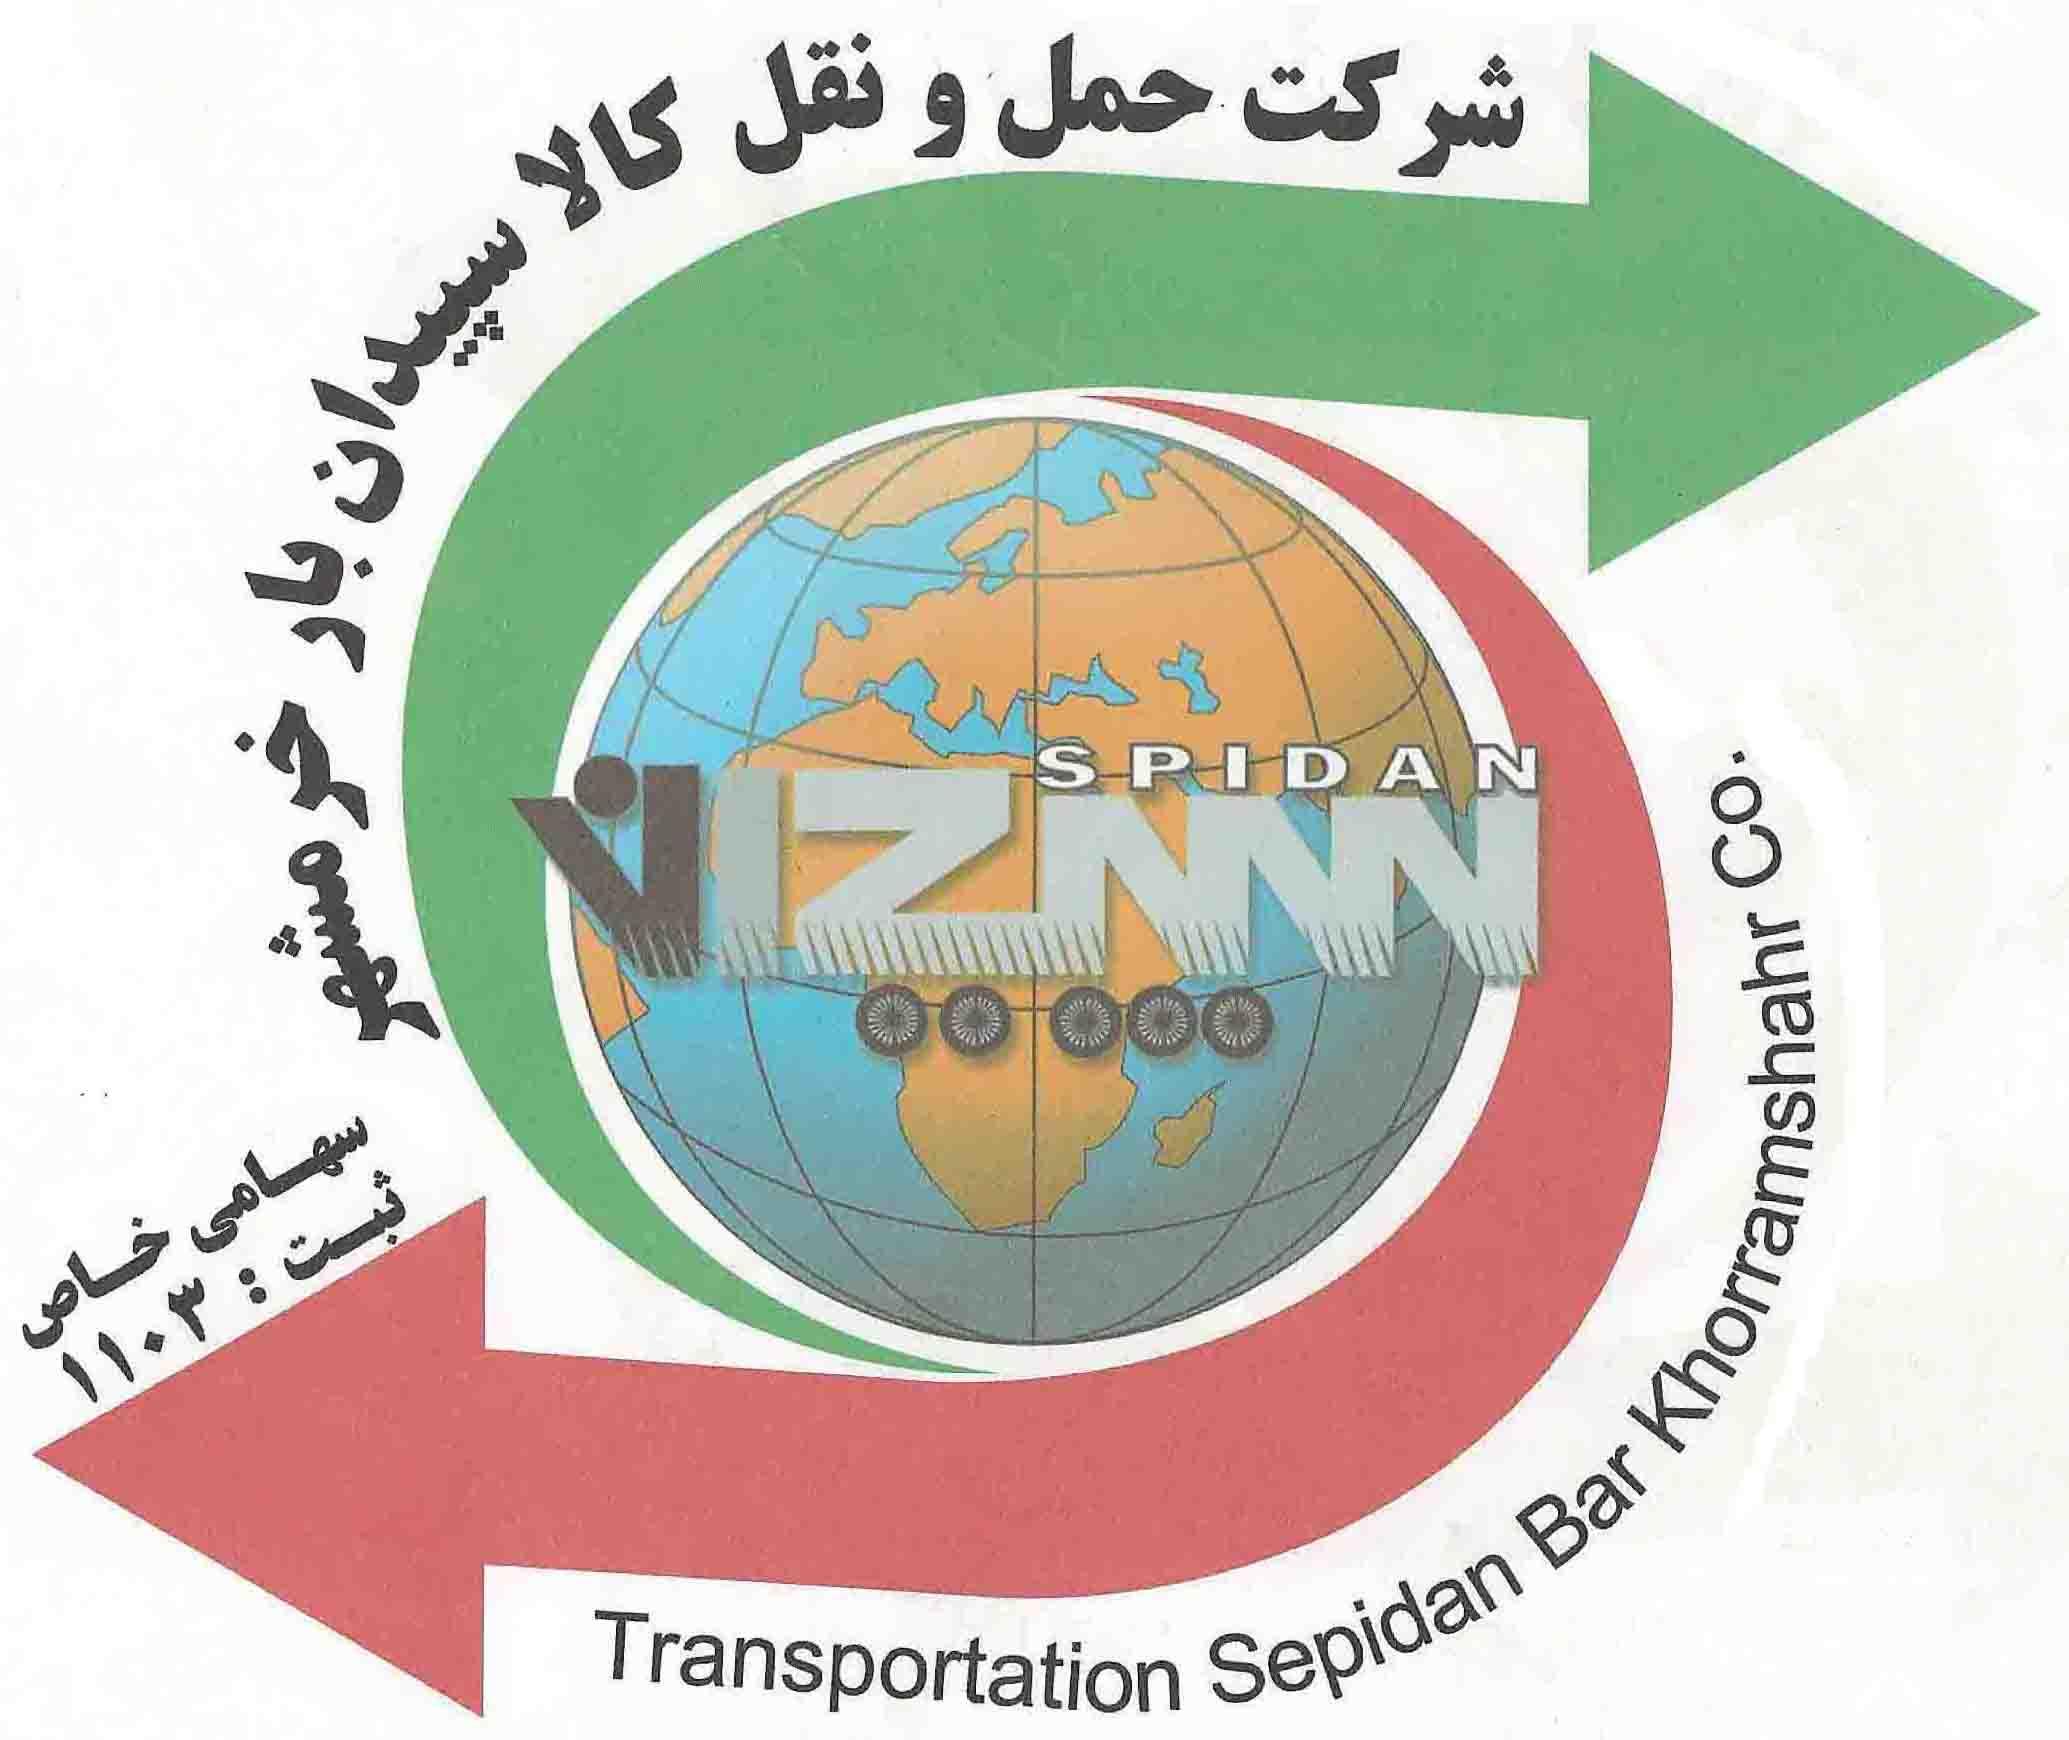 حمل ونقل داخلی سپیدان بار خرمشهر, خرمشهر